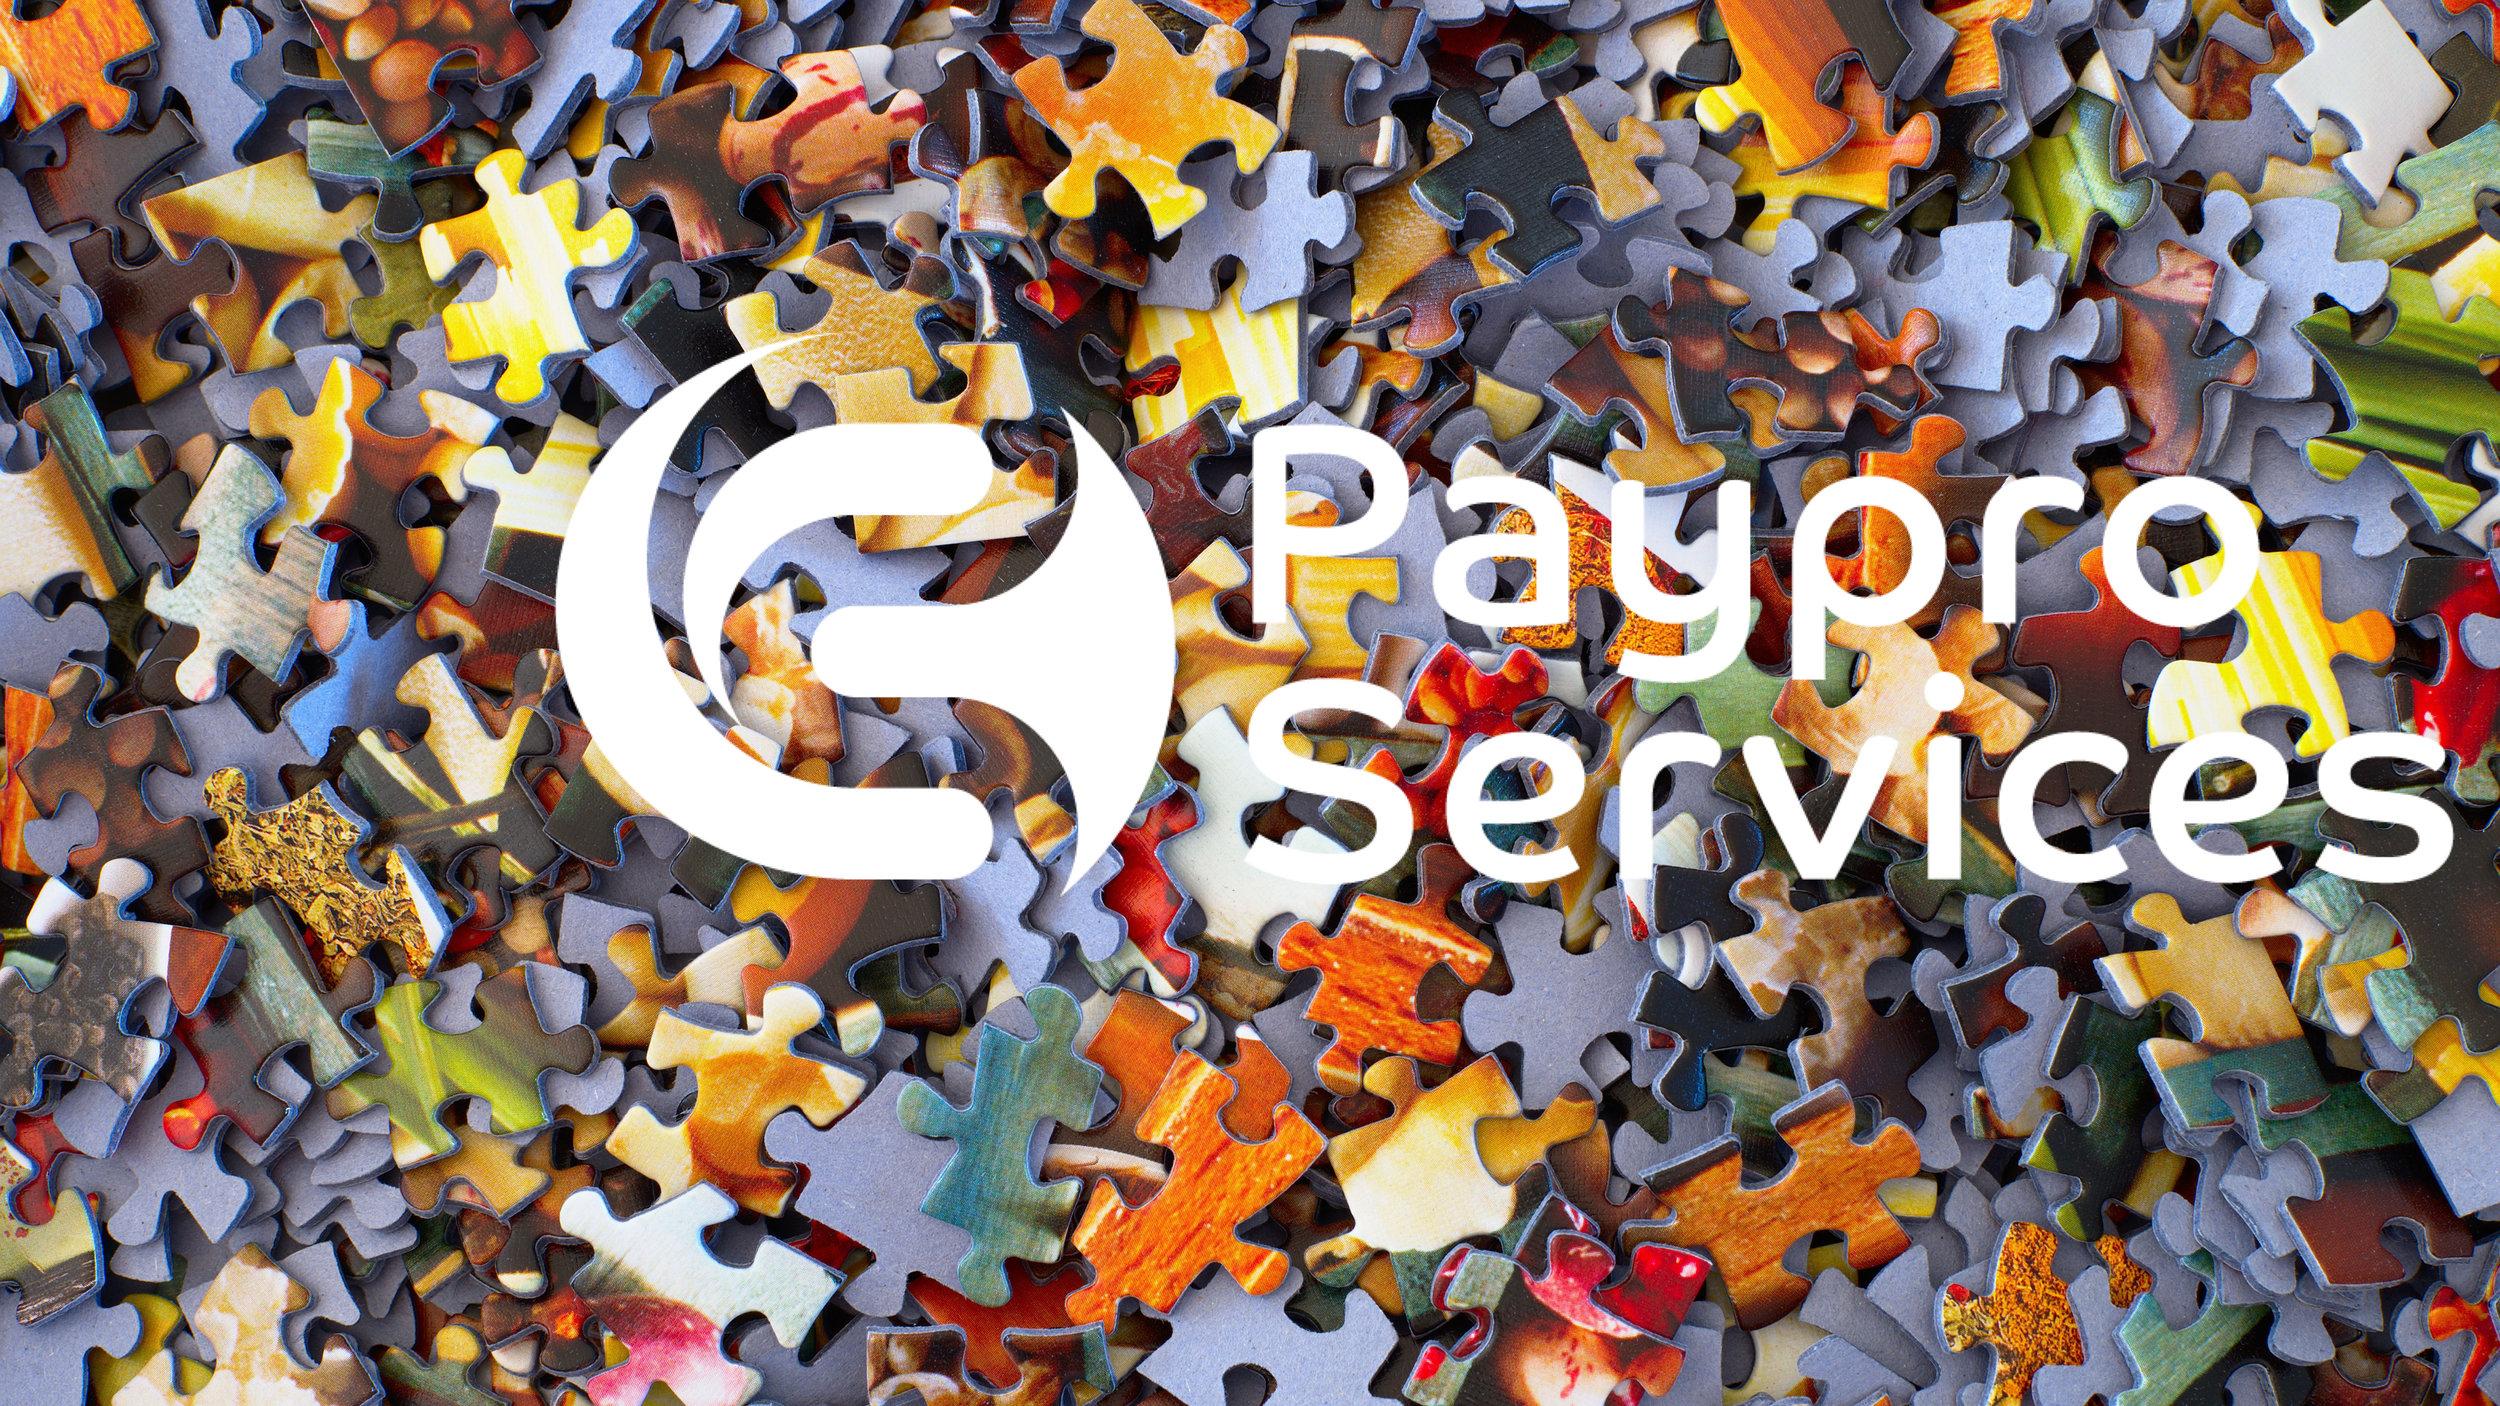 SERVICES PAYPRO, QUOI - Paypro services vous offre des solutions pour les embauches, facturation, les paiements et l'administration des salaires. Pour tout ce qui touche aux conseils et solutions concernant l'engagement d'un intérimaire via un Bureau social pour artistes (BSA), à l'article 1bis... votre solution pour votre puzzle!